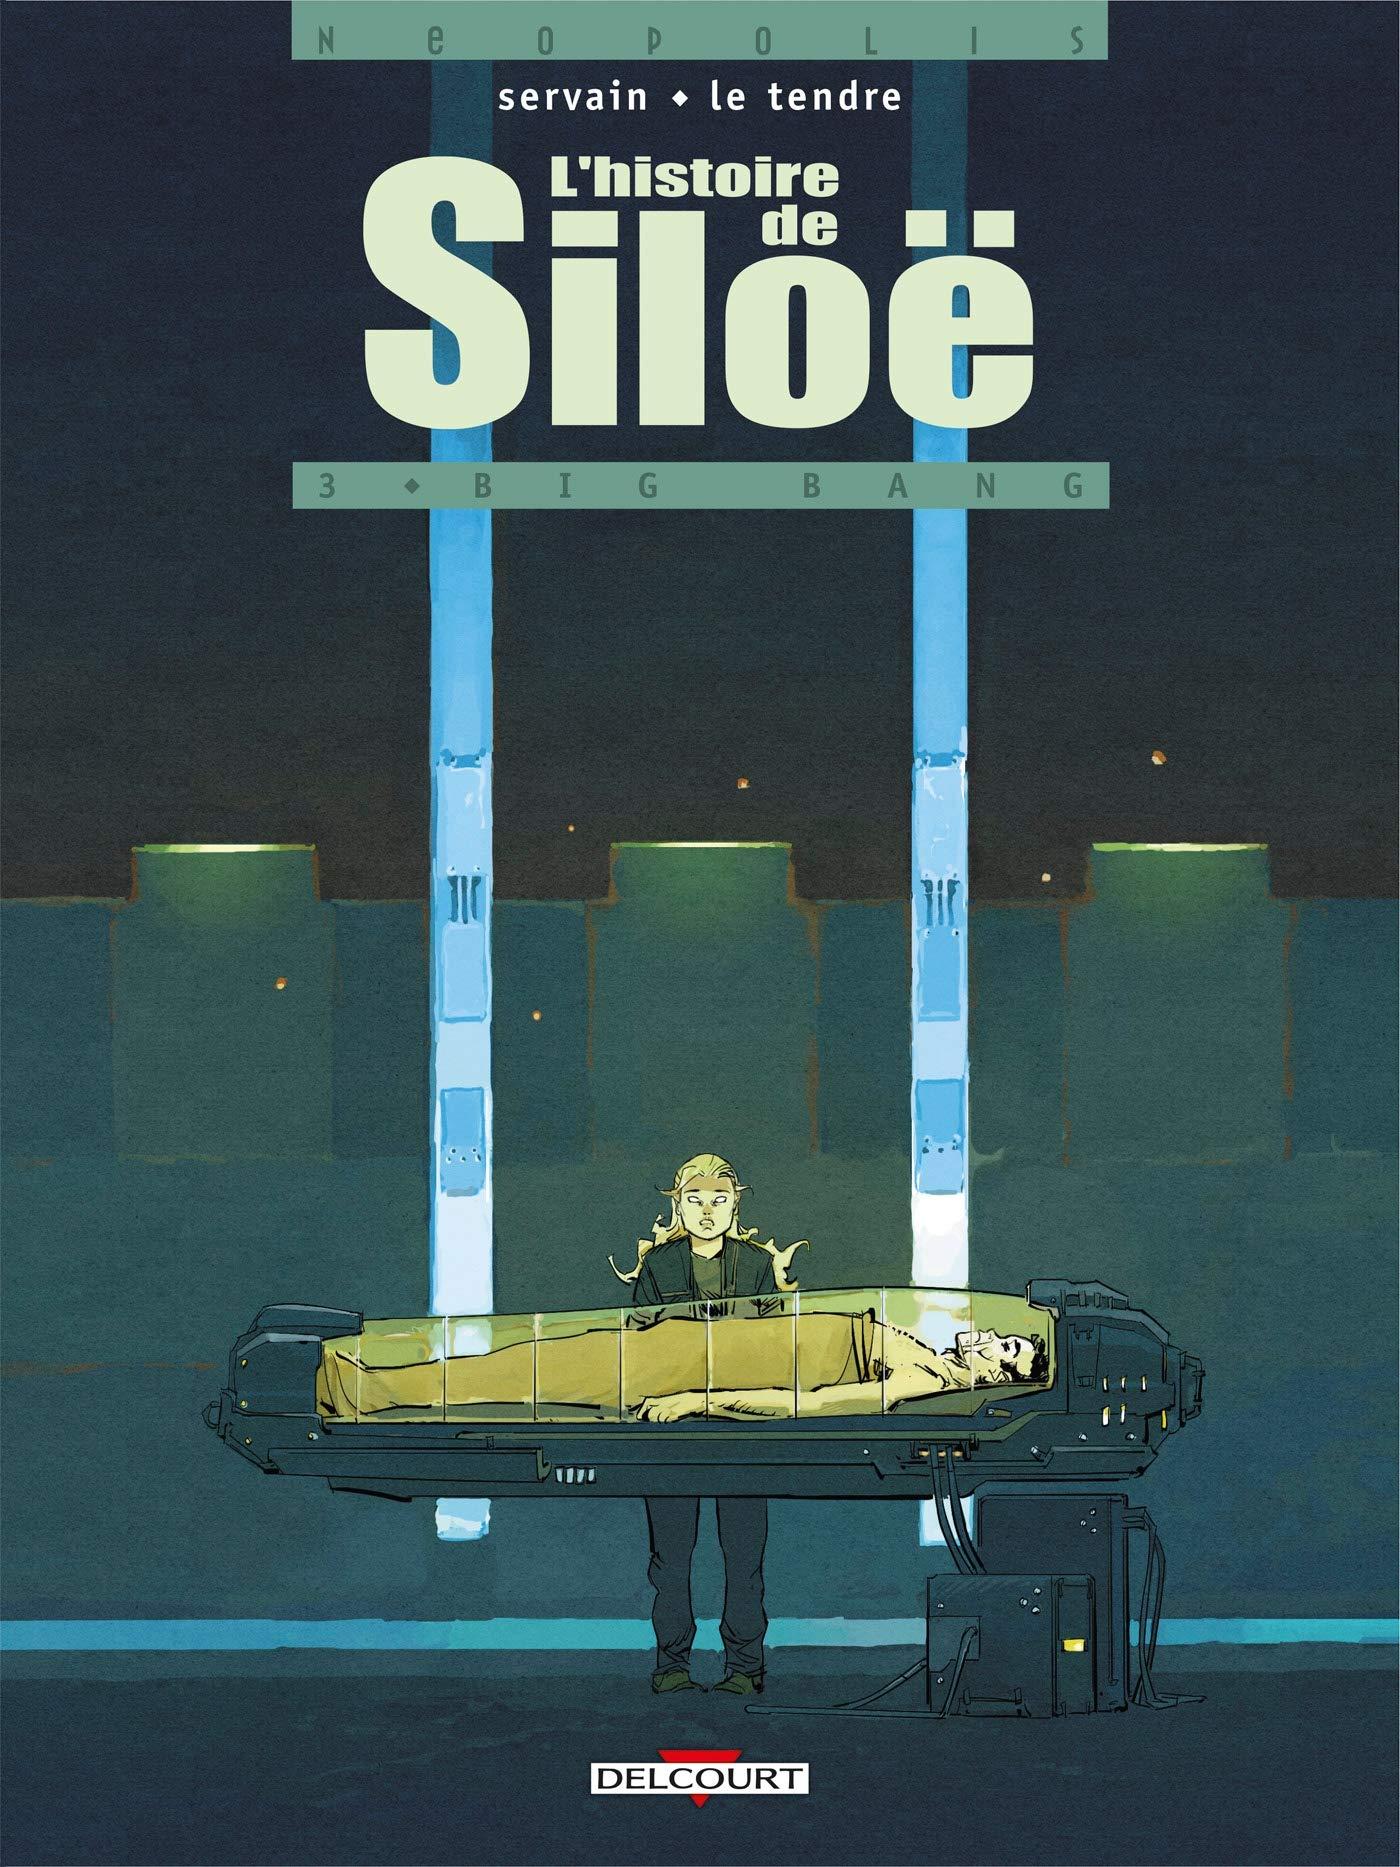 L'histoire de Siloë 3 - Big-bang